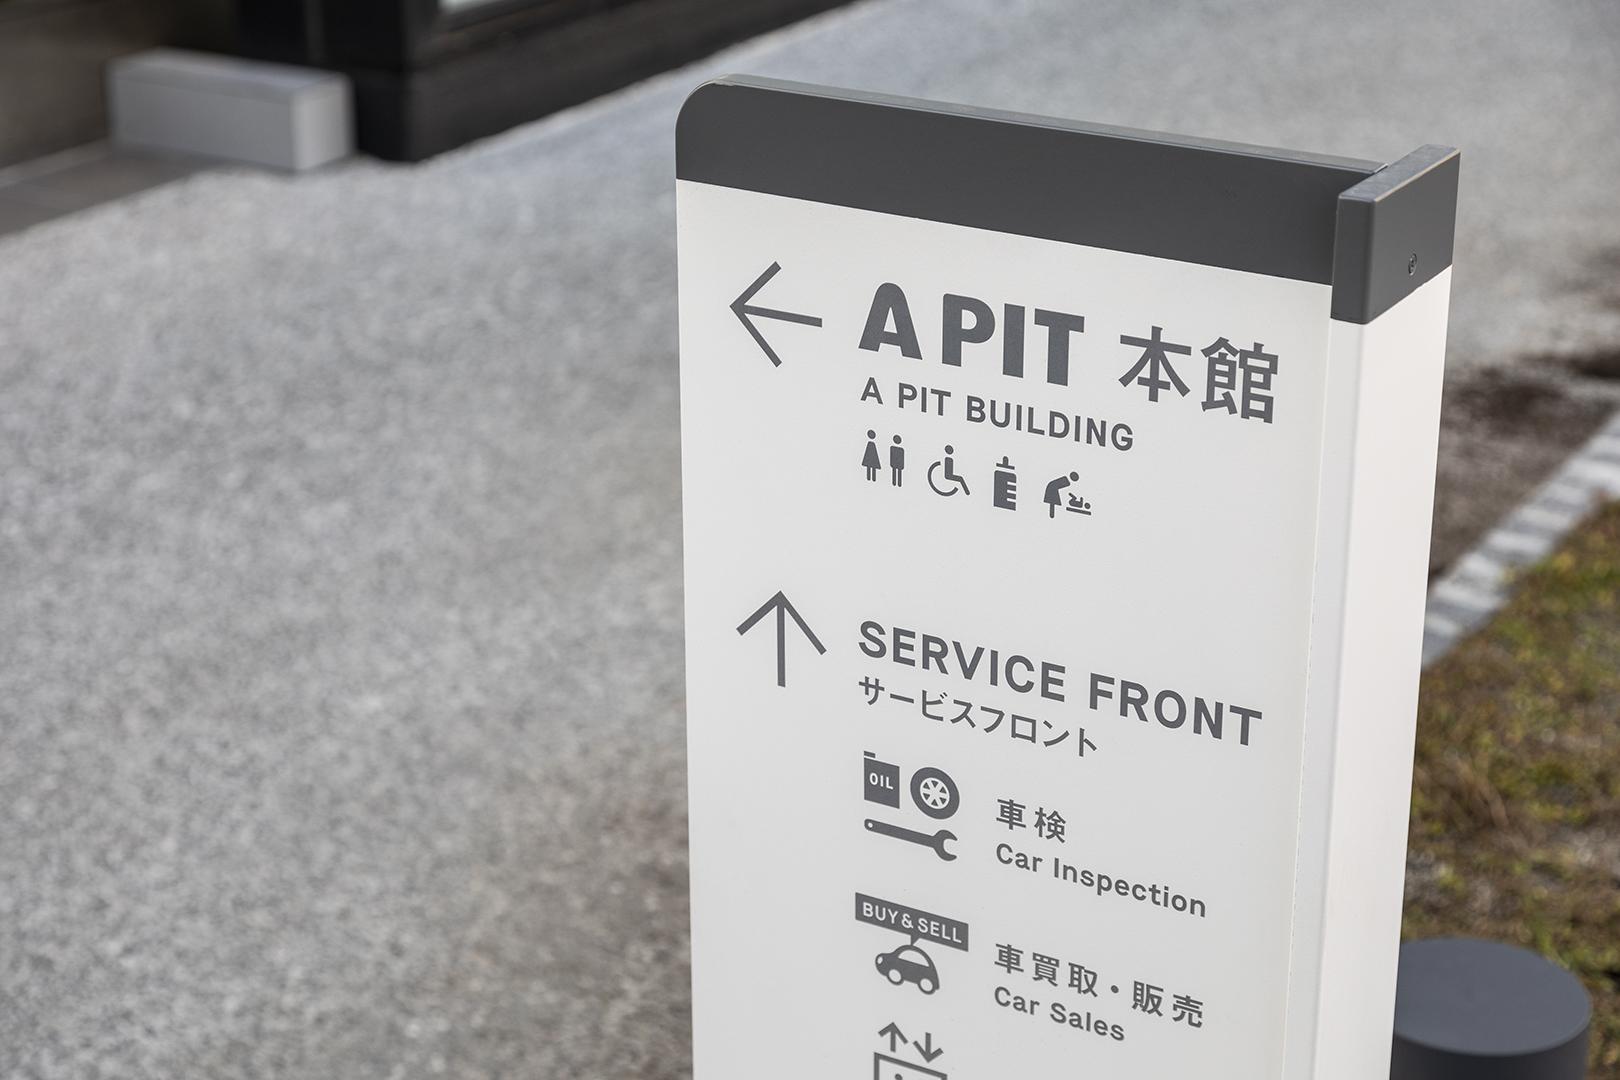 A PIT 标识系统设计 © hokkyok